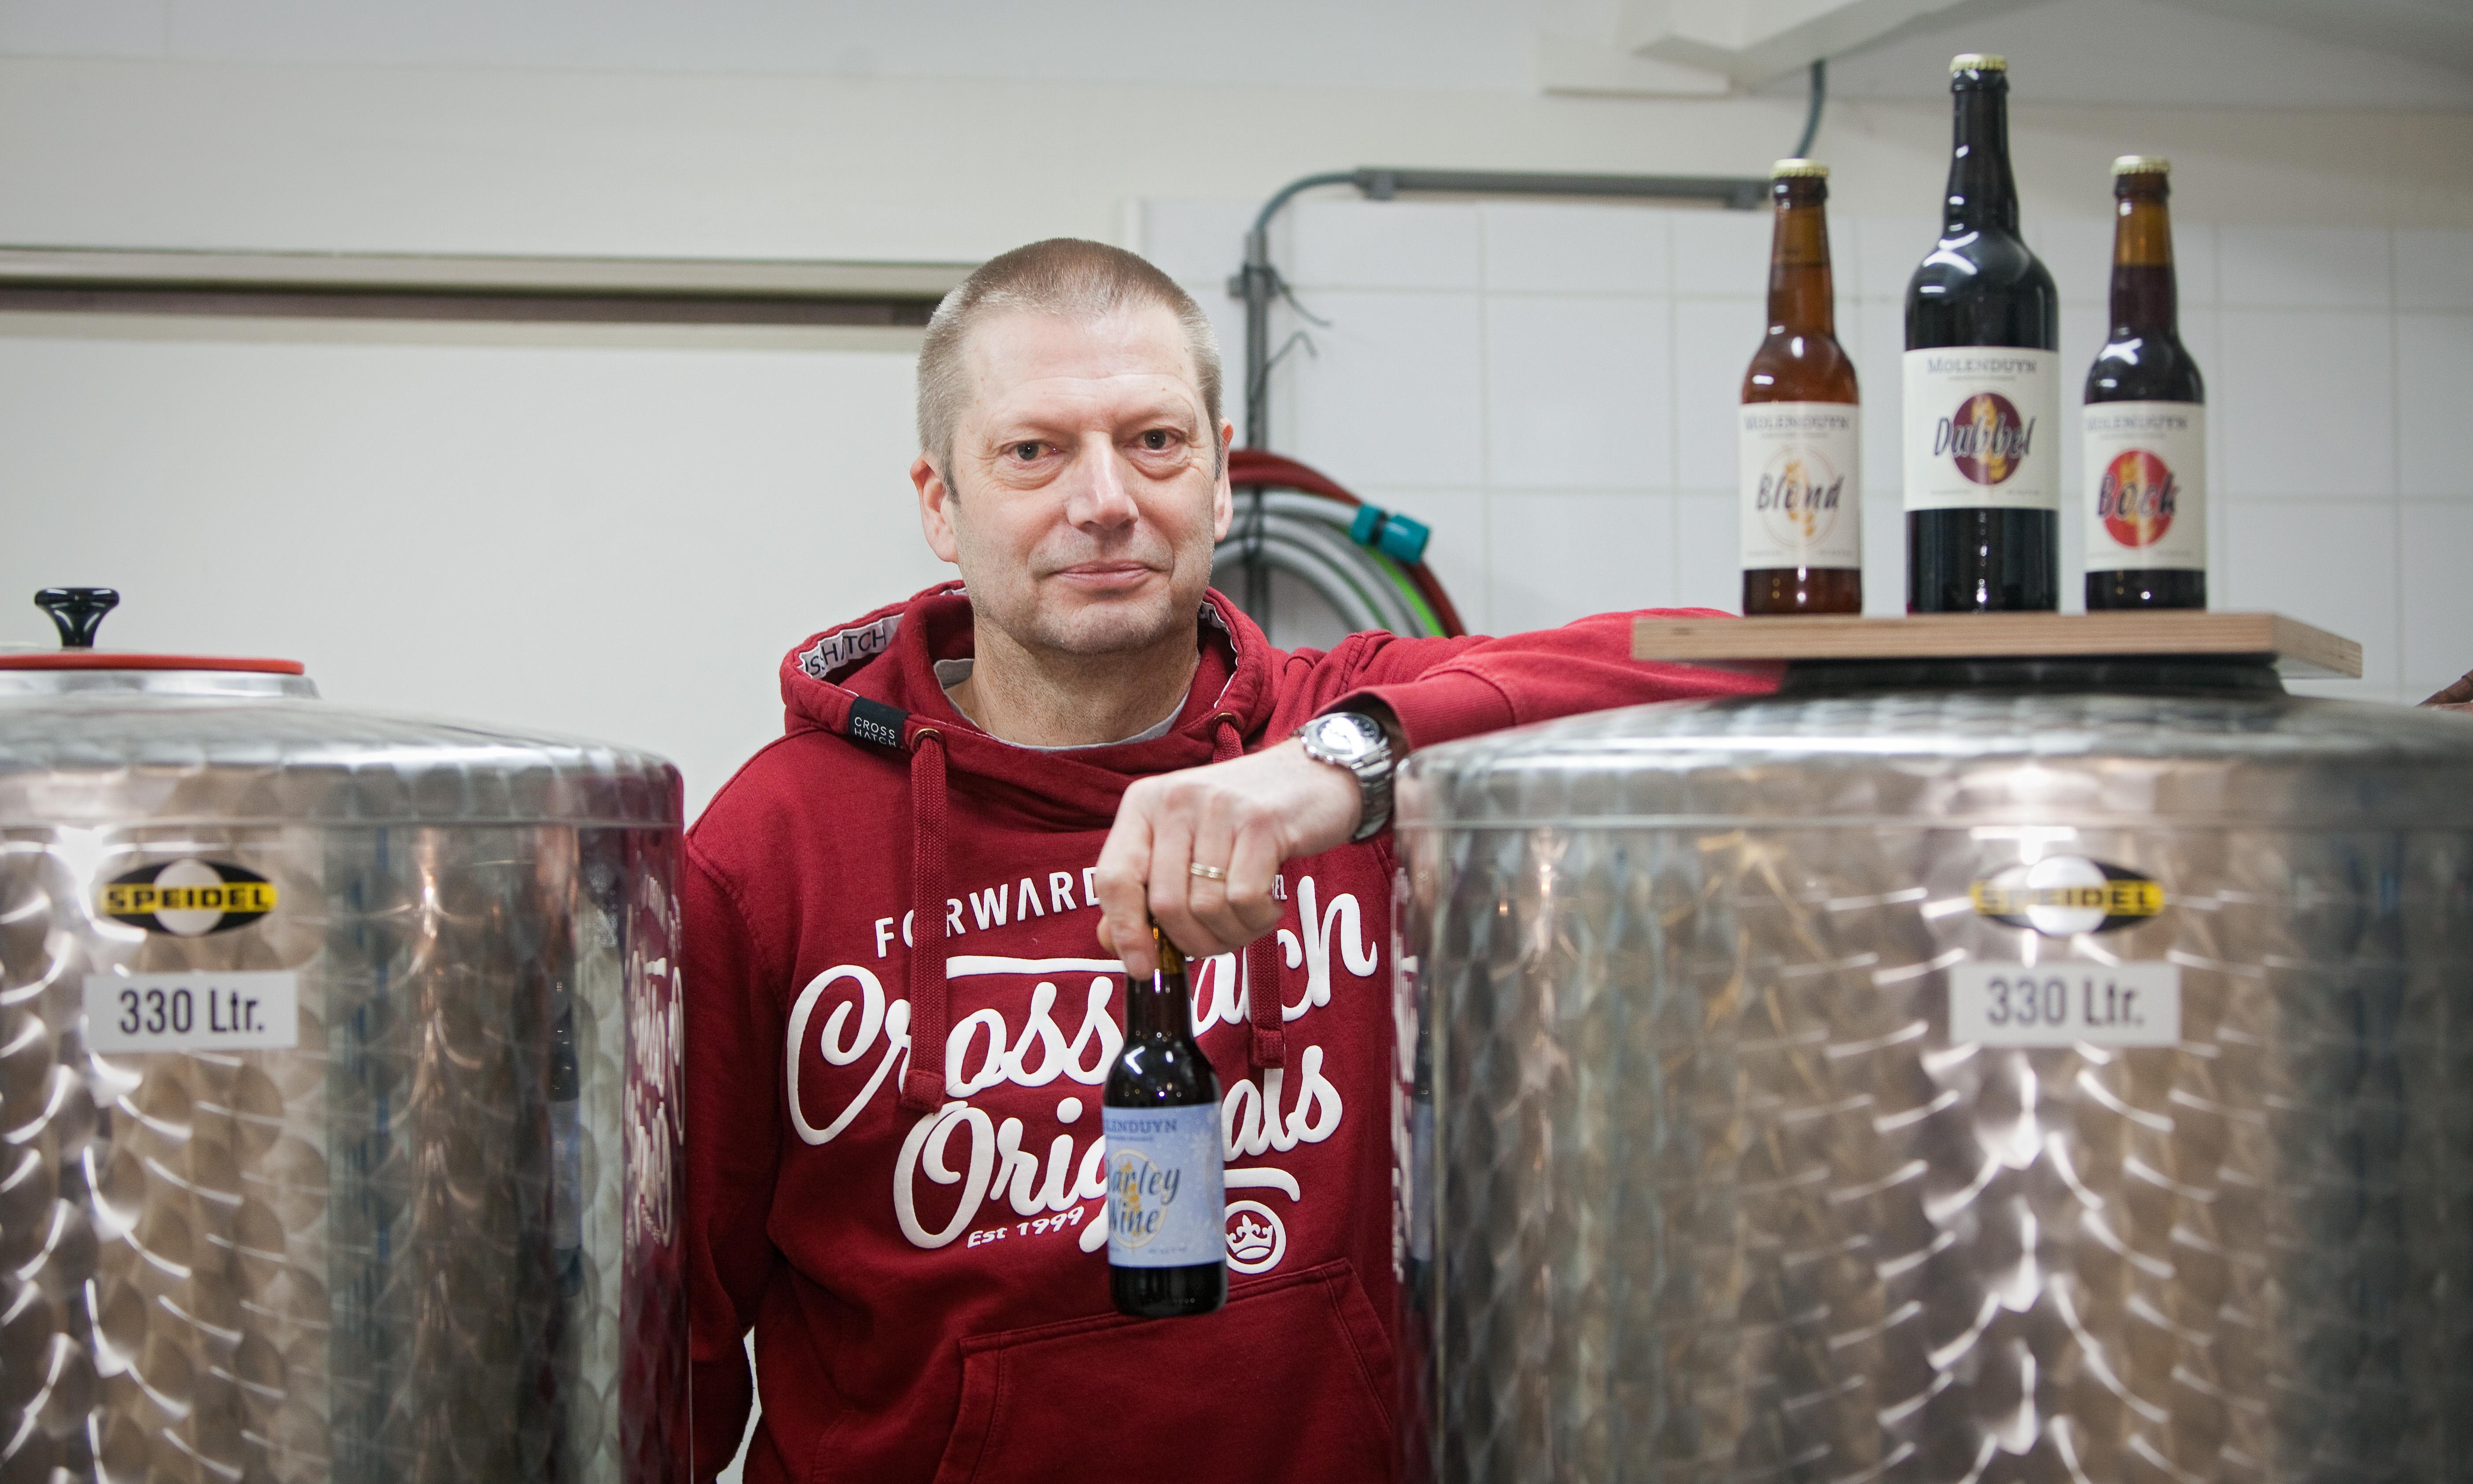 Hobbybrouwer Kees van Roode: 'Er zijn tachtig verschillende typen bier en pils is er daar maar één van. Het is mooi als mensen die zeggen geen bier te lusten, dat van mij tóch lekker vinden'